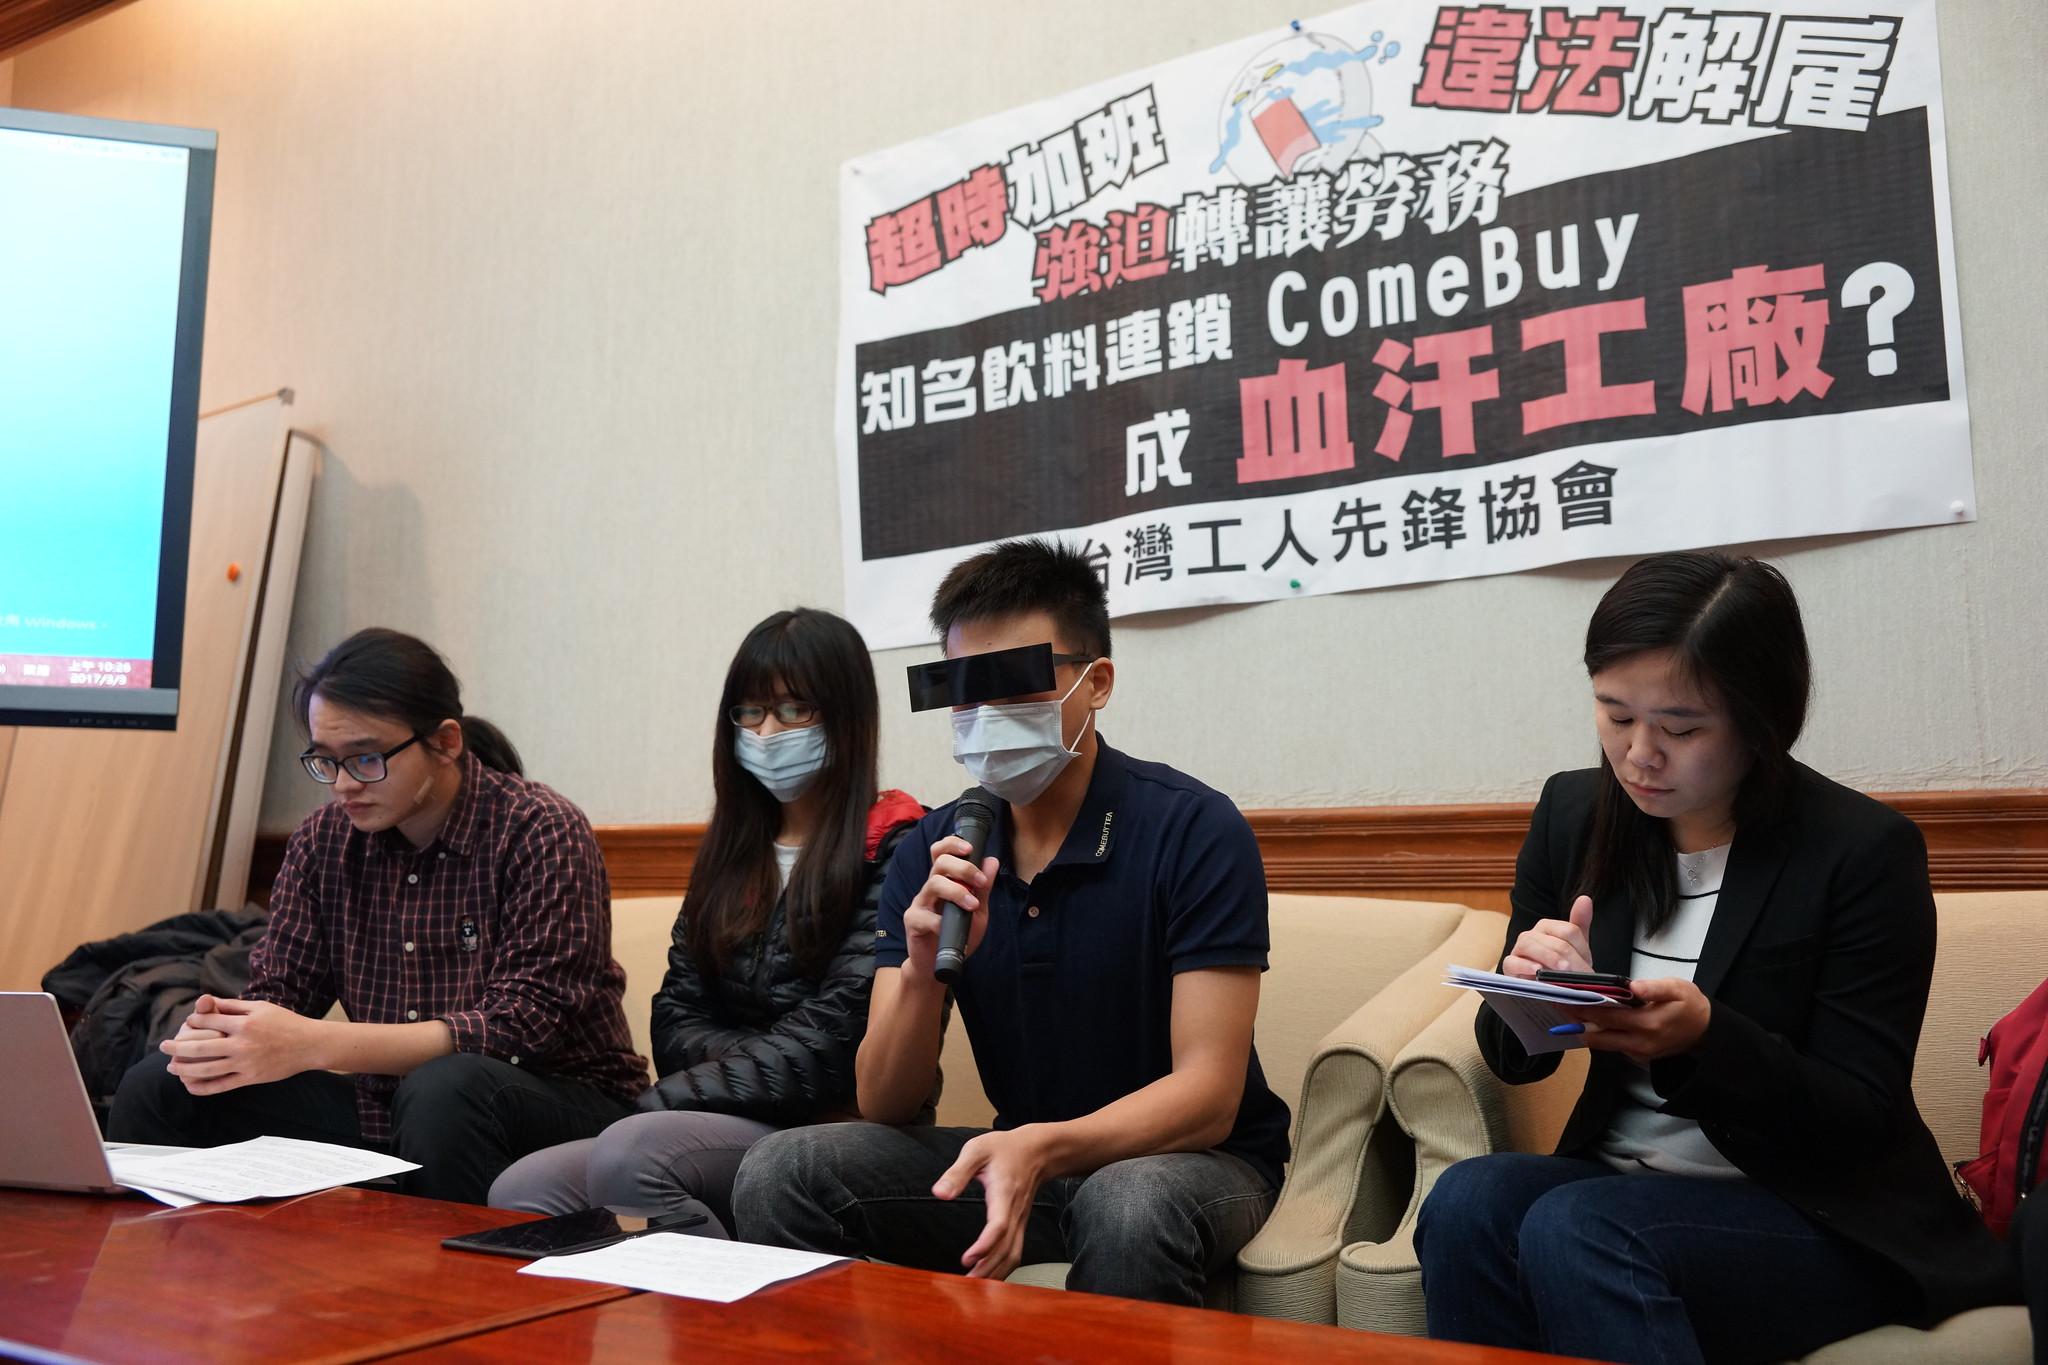 勞工出面痛批知名飲料店「COMEBUY」脫法規避加班費。(攝影:王顥中)